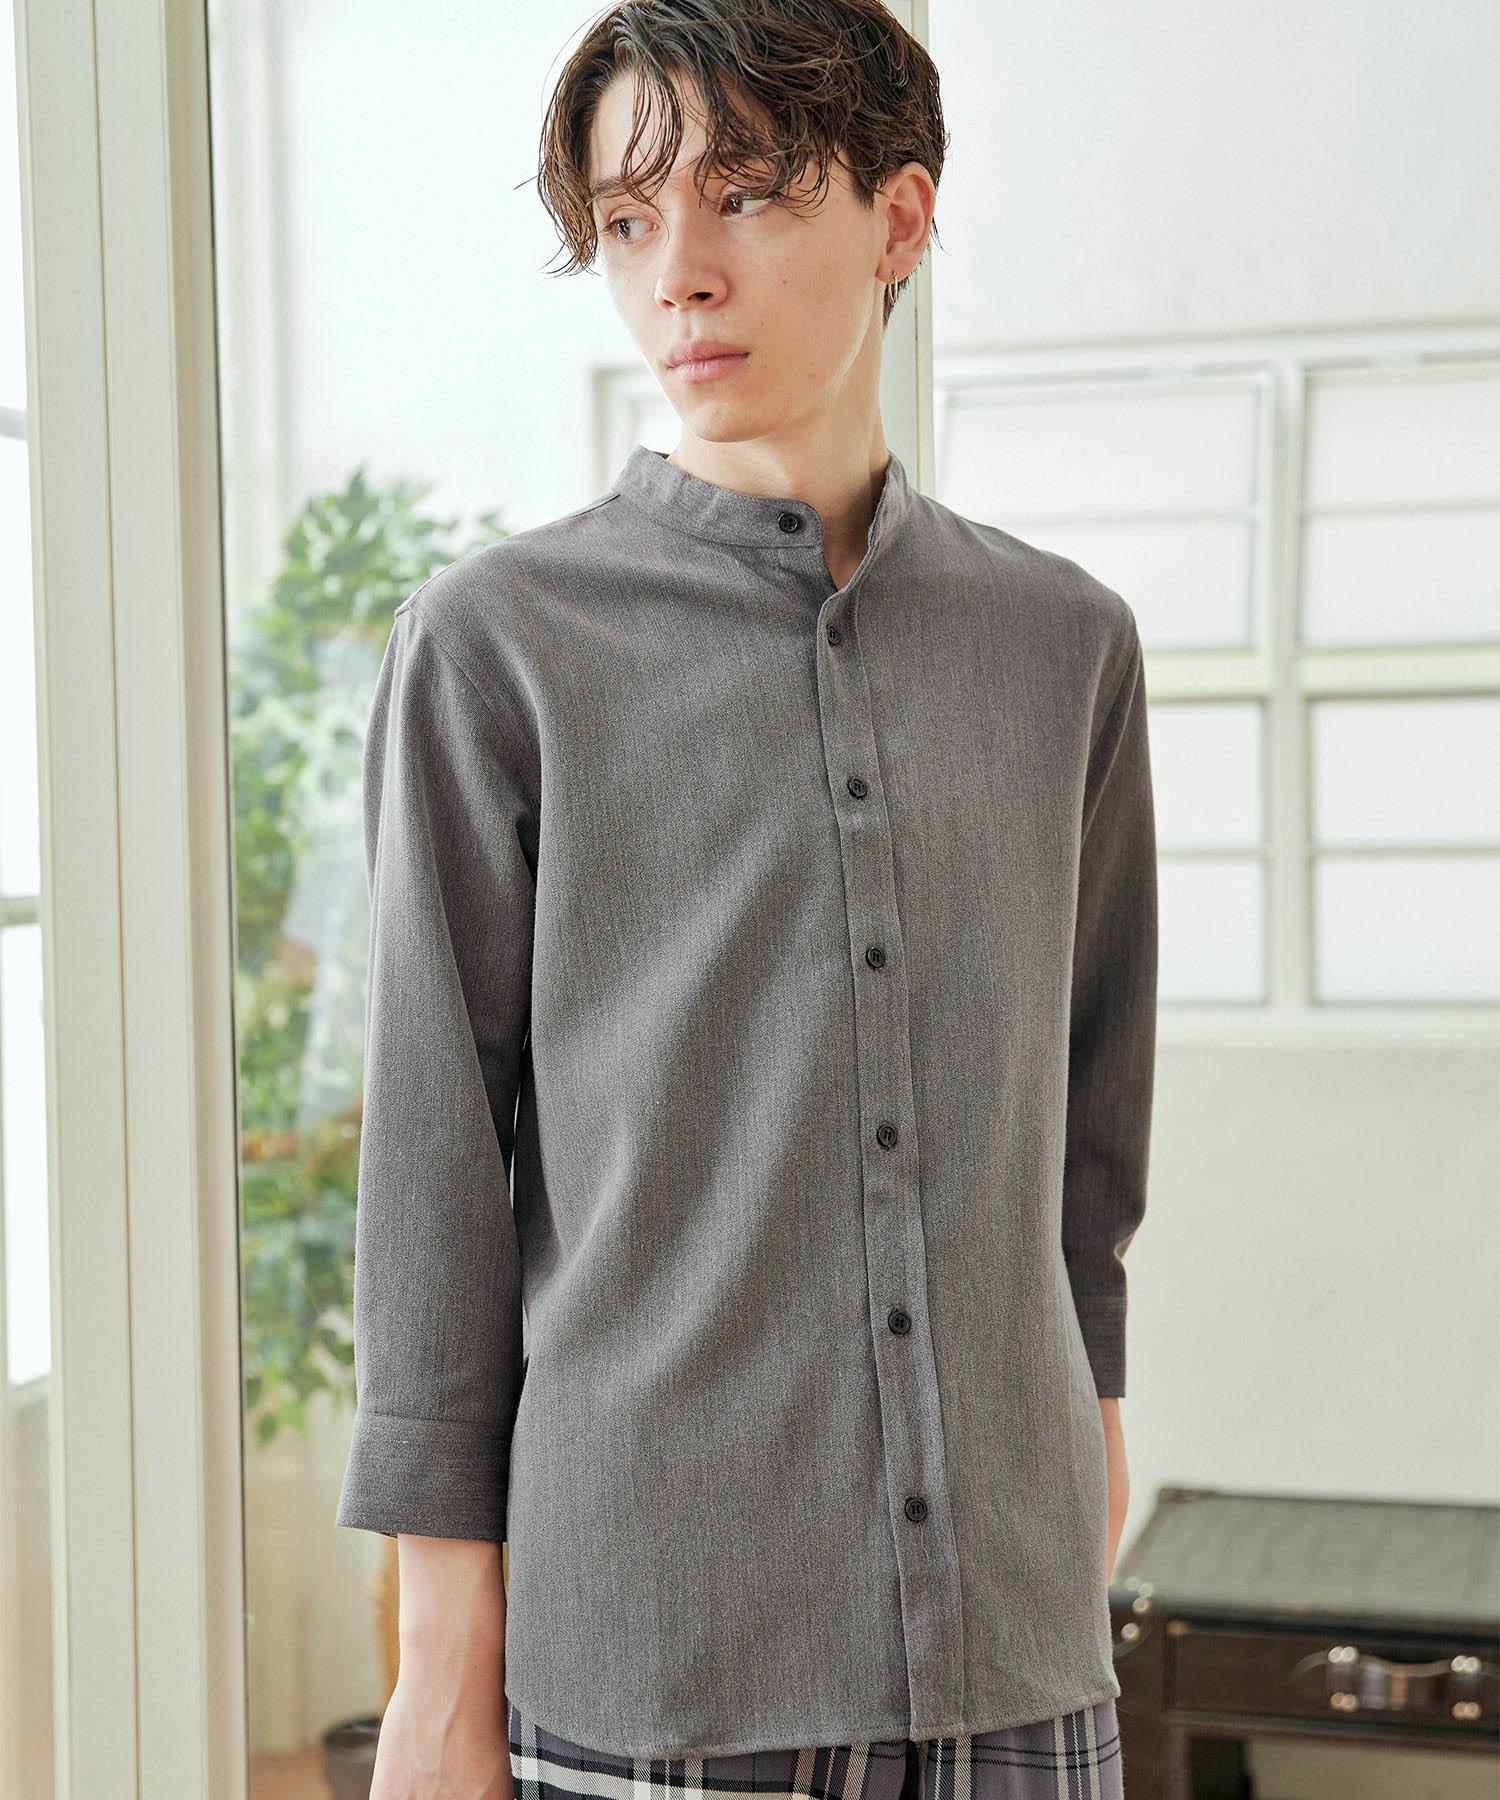 T/R ストレッチ バンドカラーシャツ(3/4 sleeve)